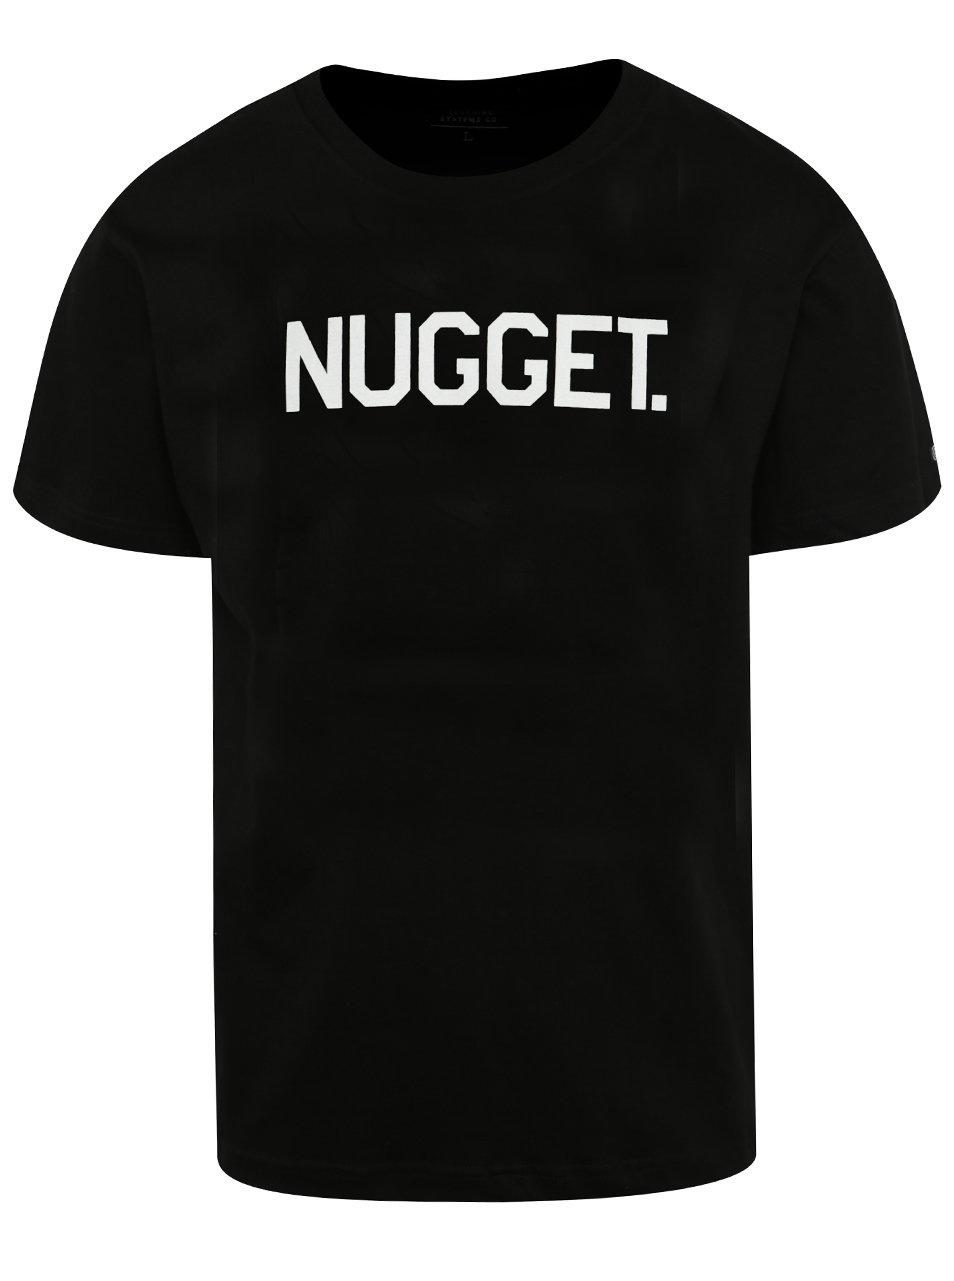 Černé pánské triko s potiskem NUGGET Logo